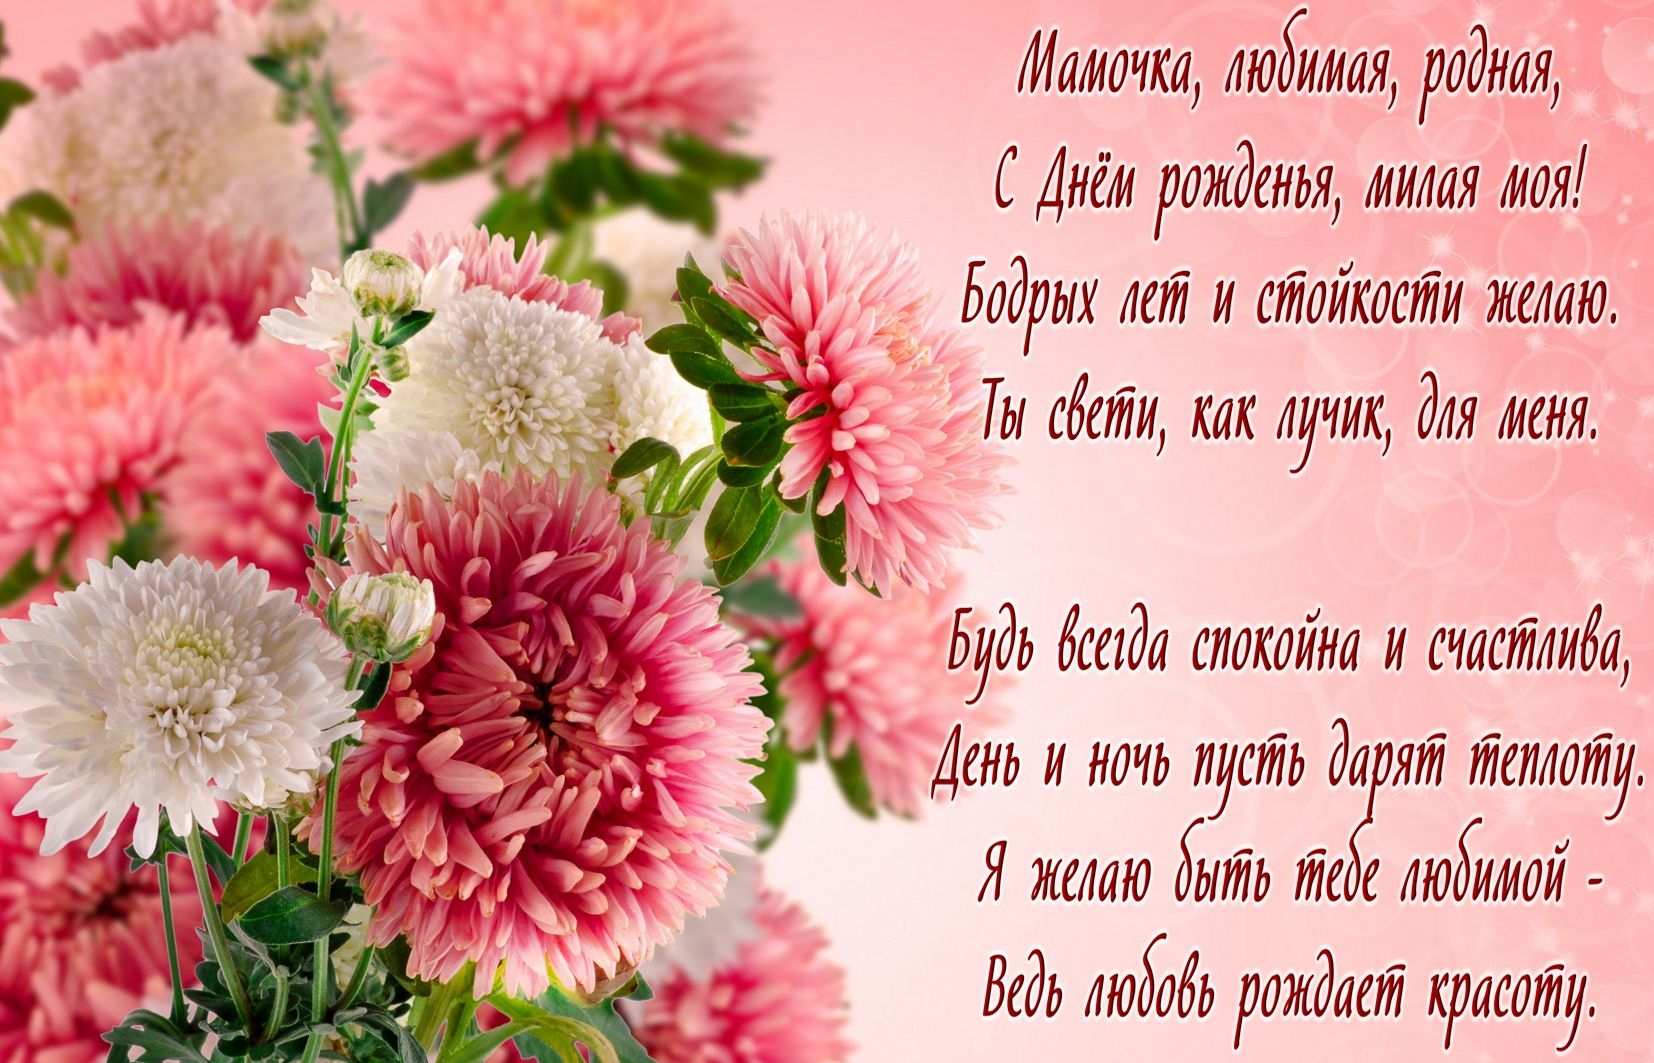 Поздравление с днём рождения маме бабушке от детей и внуков трогательные